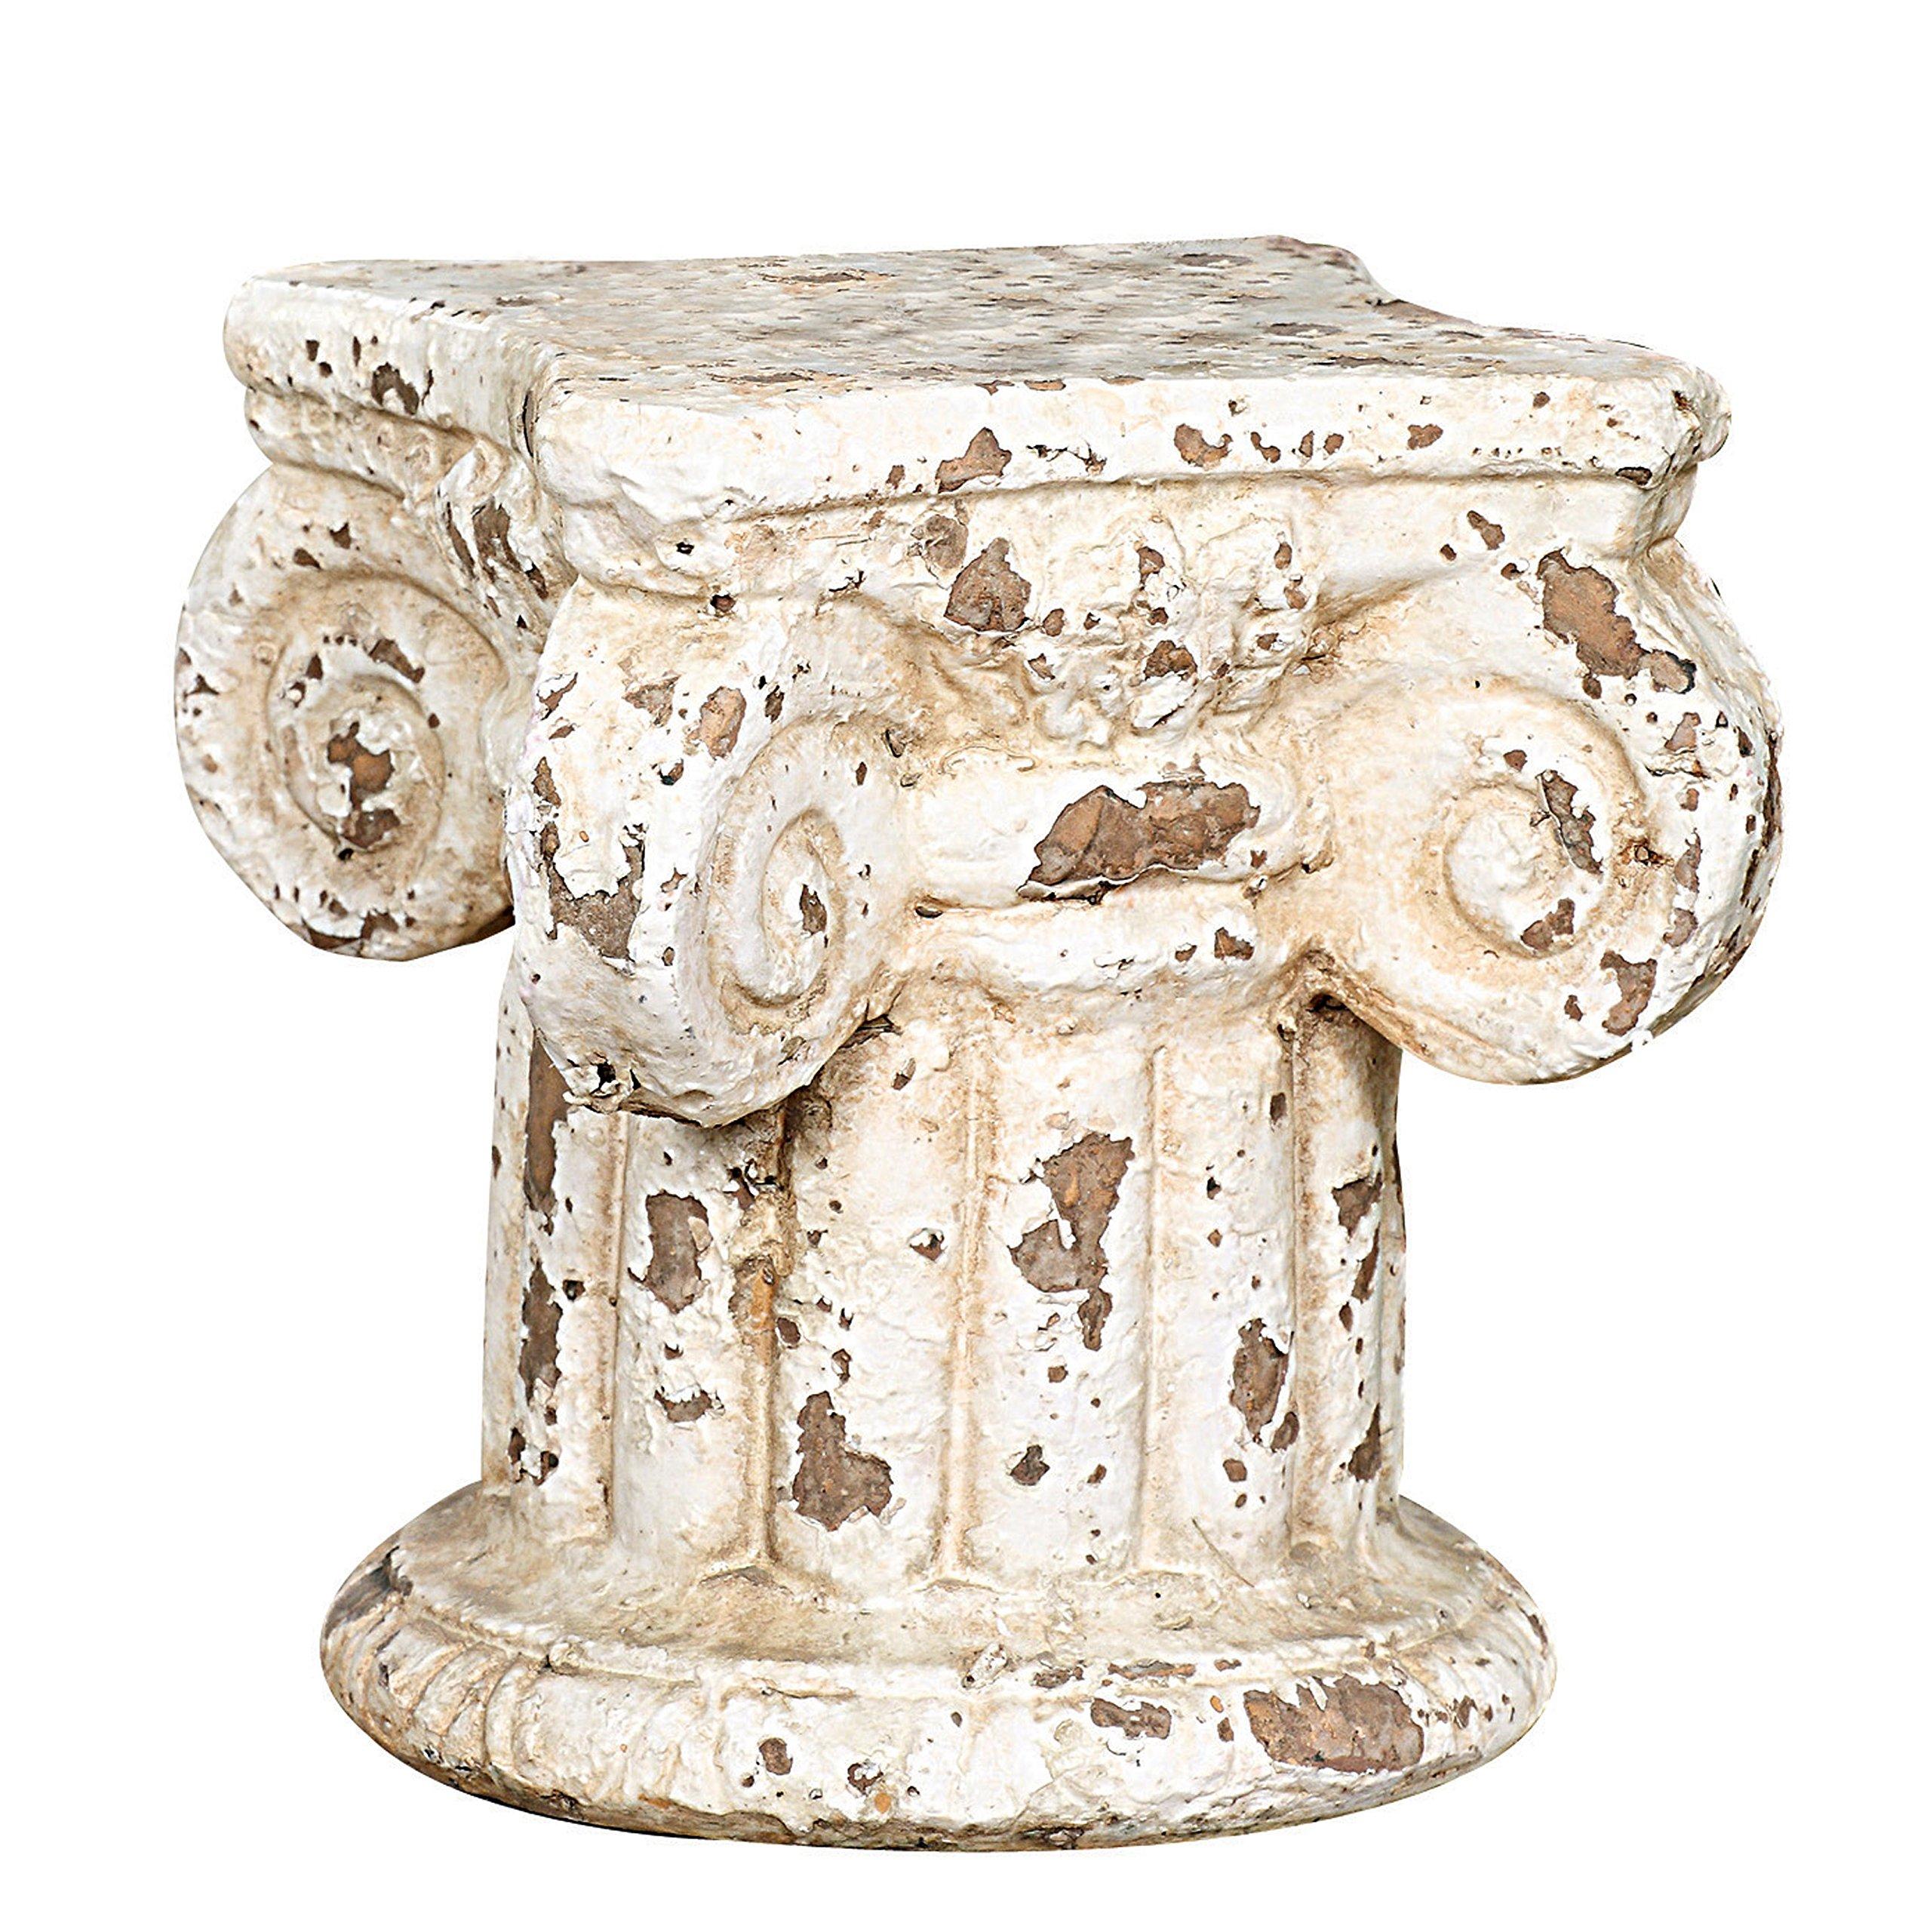 Creative Co-Op HD5916 Chateau Distressed Cream Terra Cotta Column Pedestal